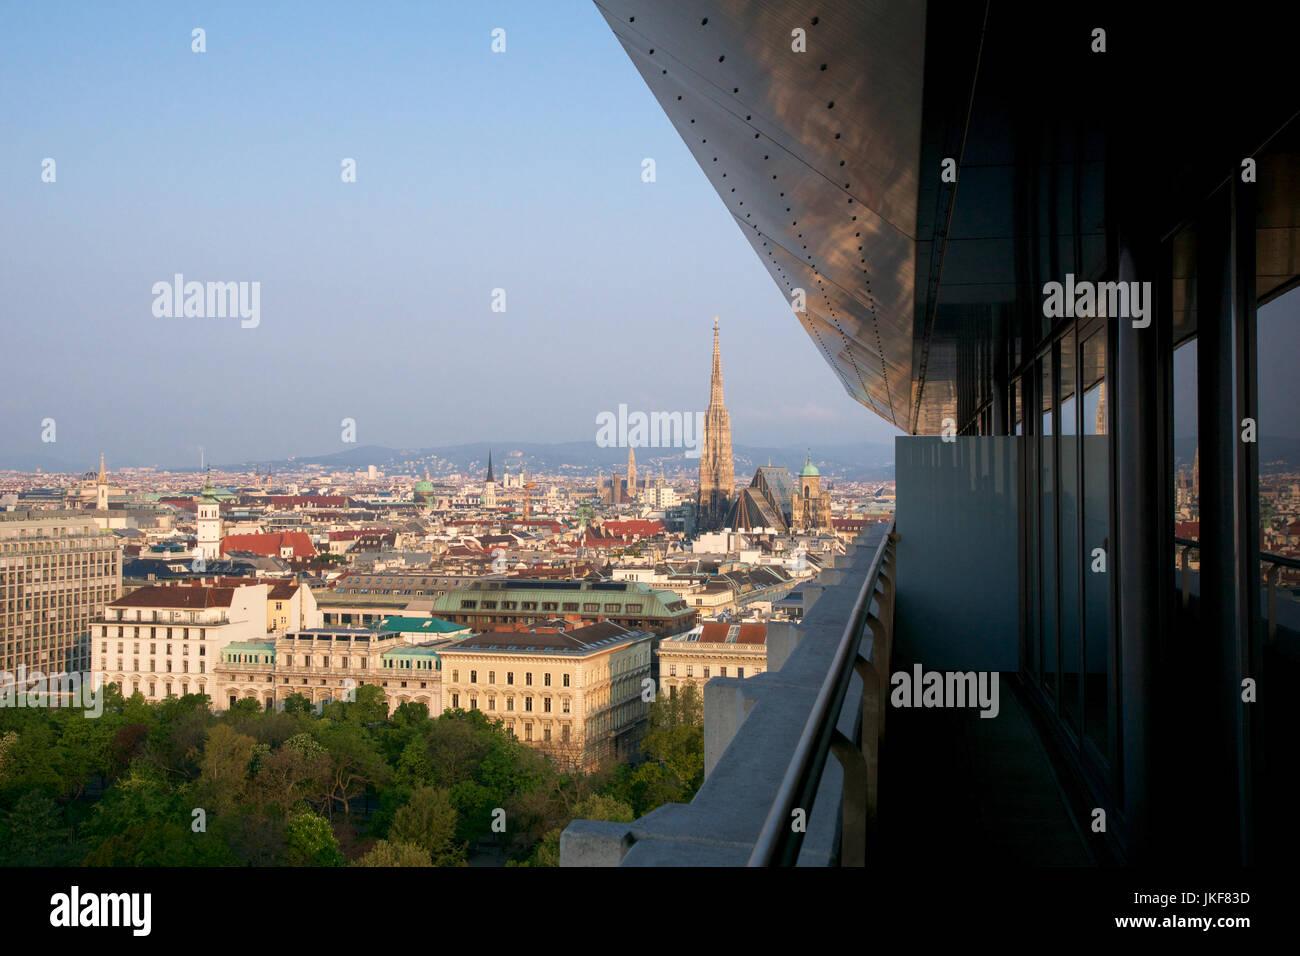 Wien Osterreich 29 April 2017 Schone Aussicht Auf Die Beruhmte